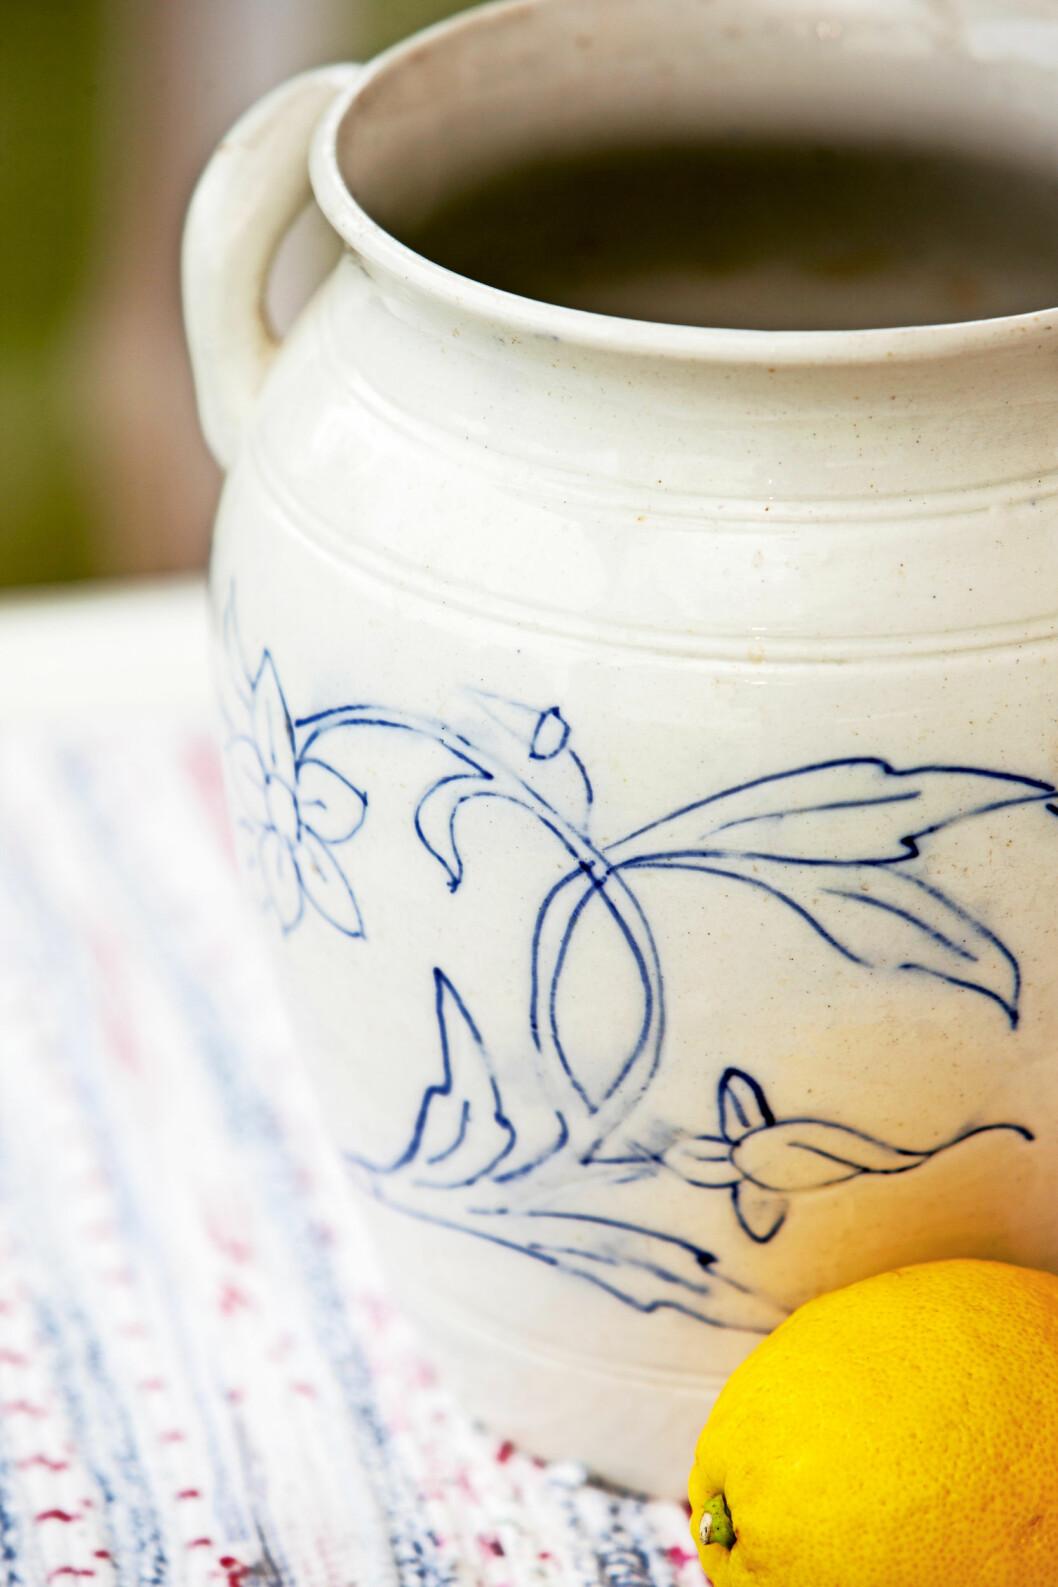 Gräddvitt krus med blått mönster. I förgrunden syns en citron.